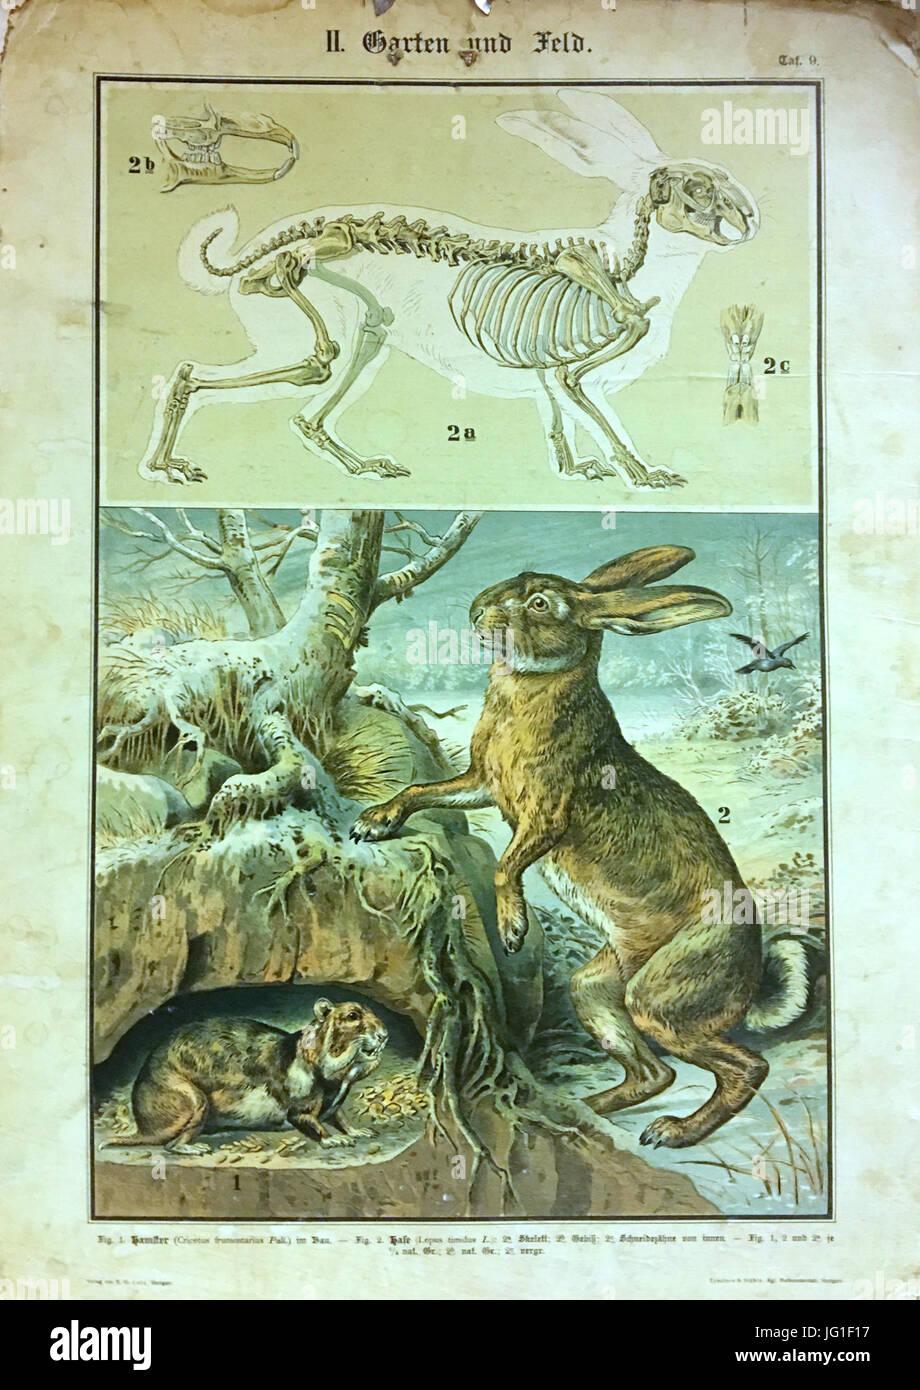 Tua Dua Eettafel.Garten Und Feld Tafel 9 Hamster Cricetus Frumentarius Pall